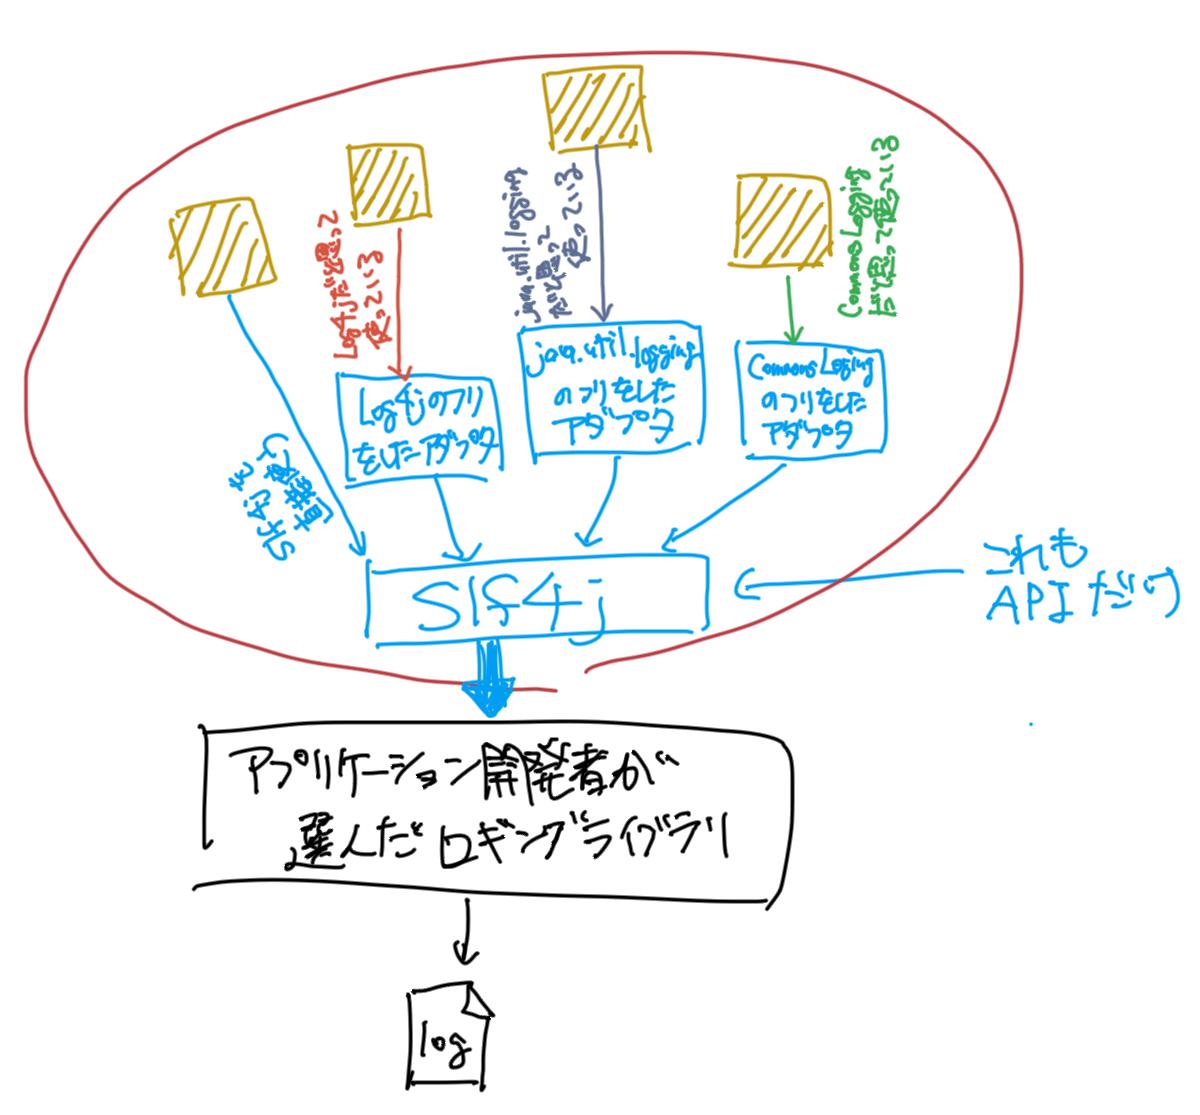 jvm-logging_07.png